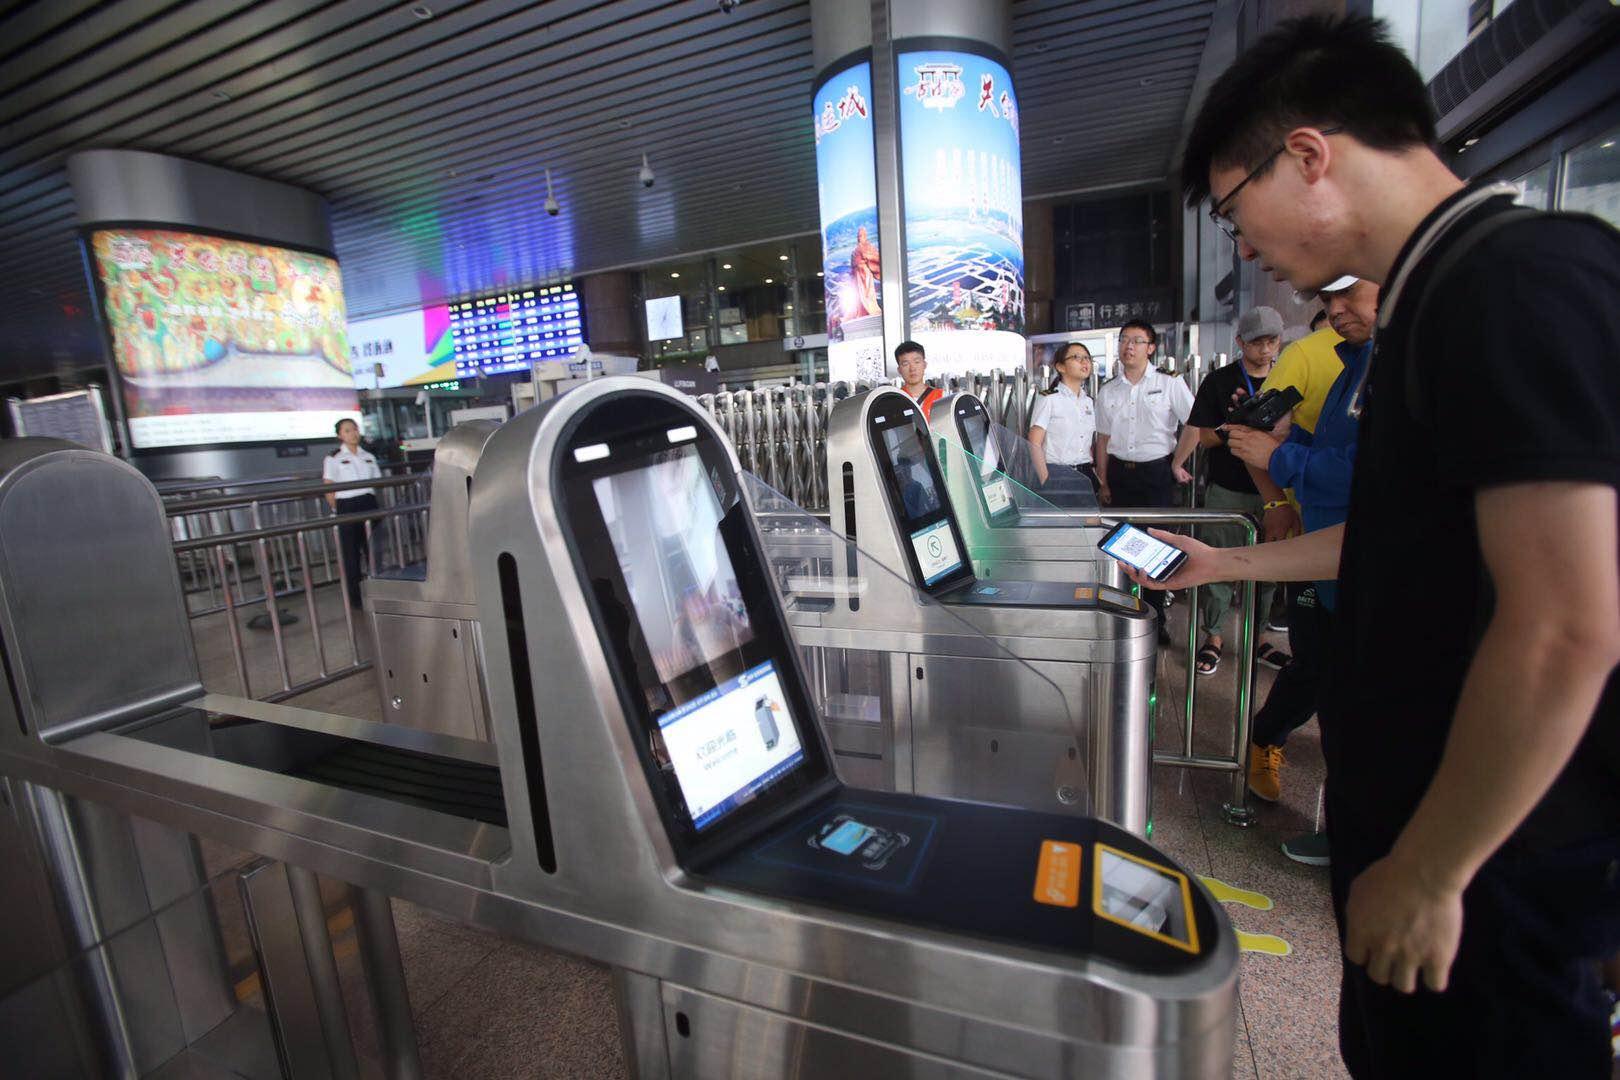 北京副中心线今起延长至乔庄东站 扫二维码进站平均只需2秒